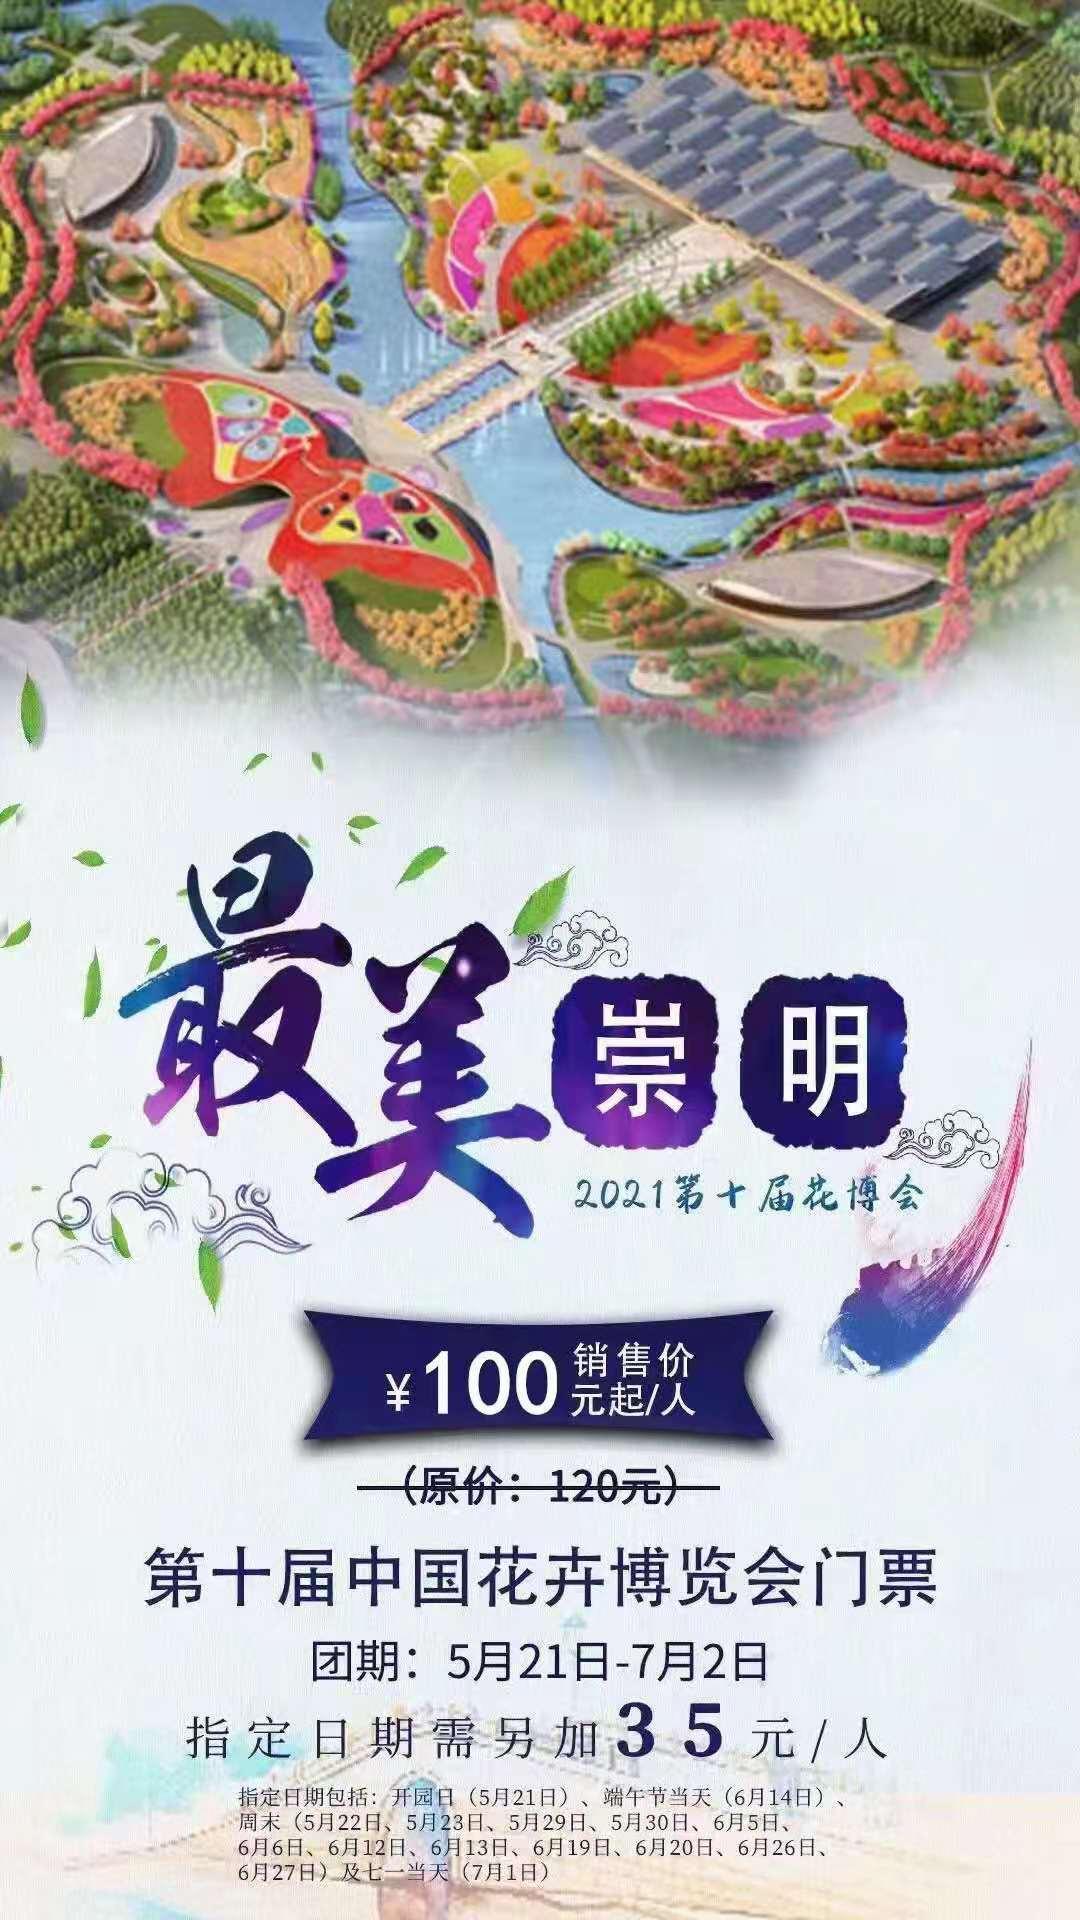 上海花博会